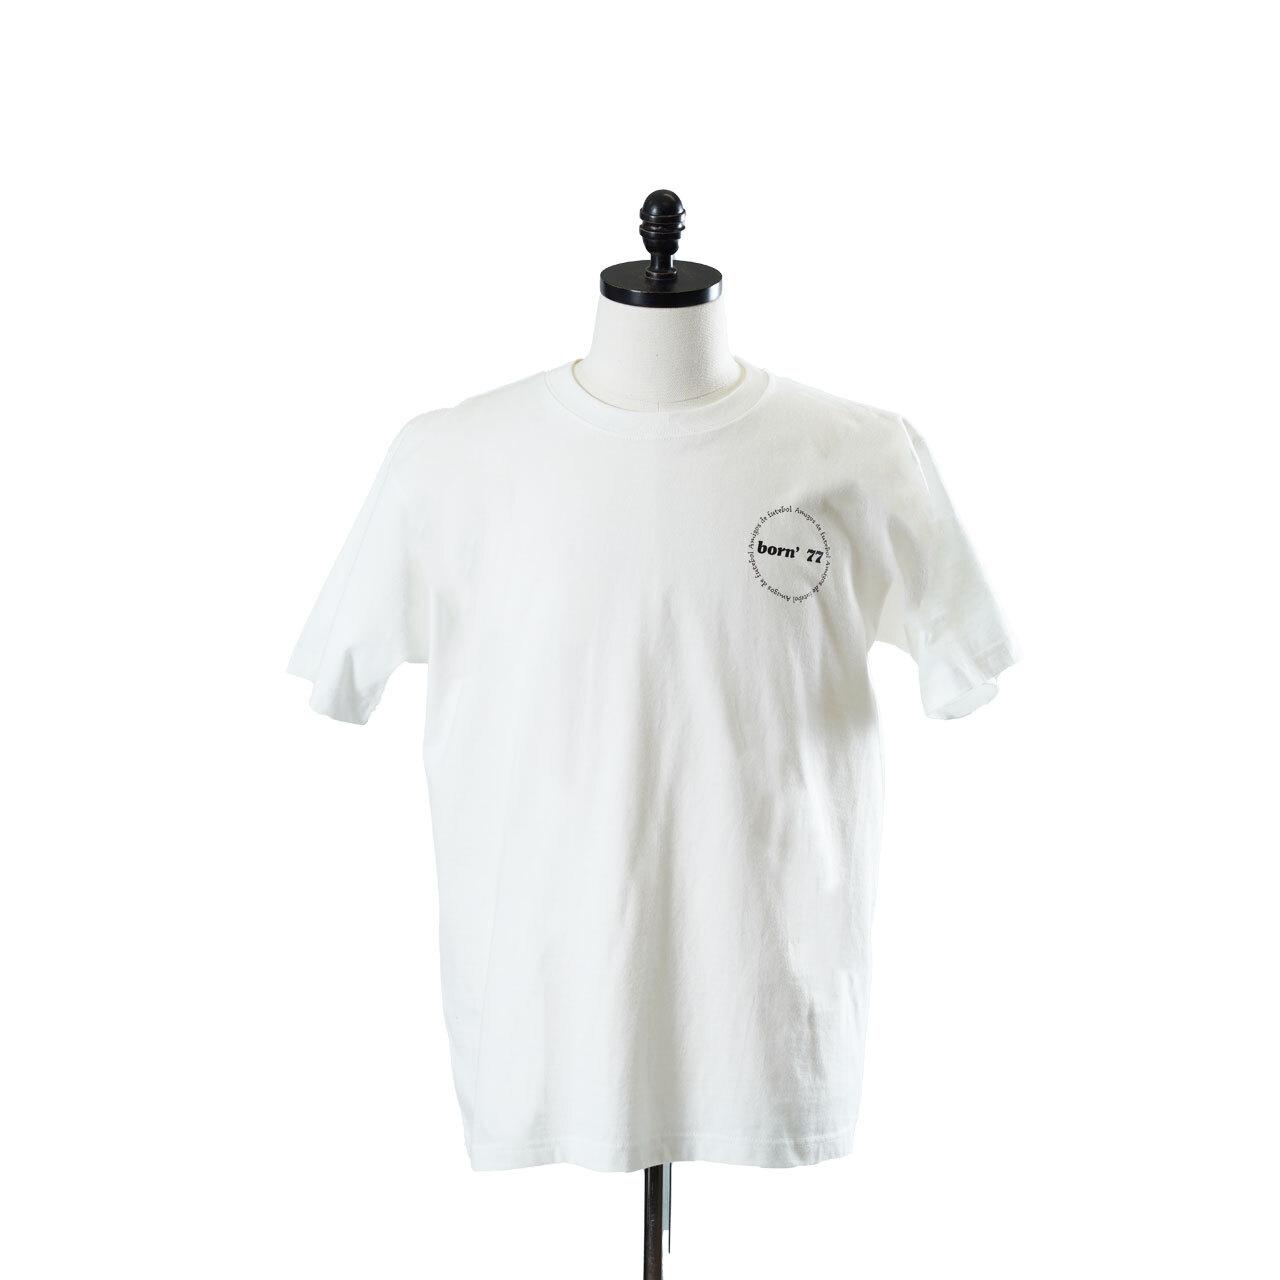 ナンバーTシャツ【7】(BOR0001)